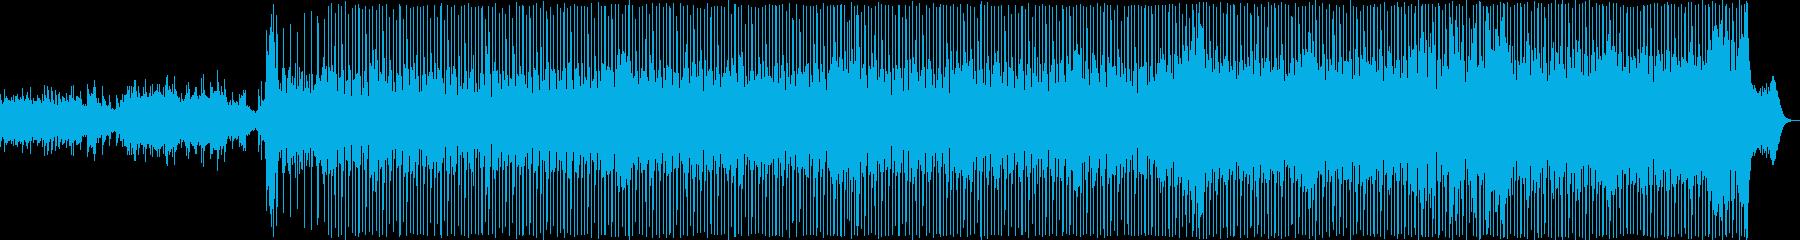 軽快な雰囲気のポップBGMの再生済みの波形